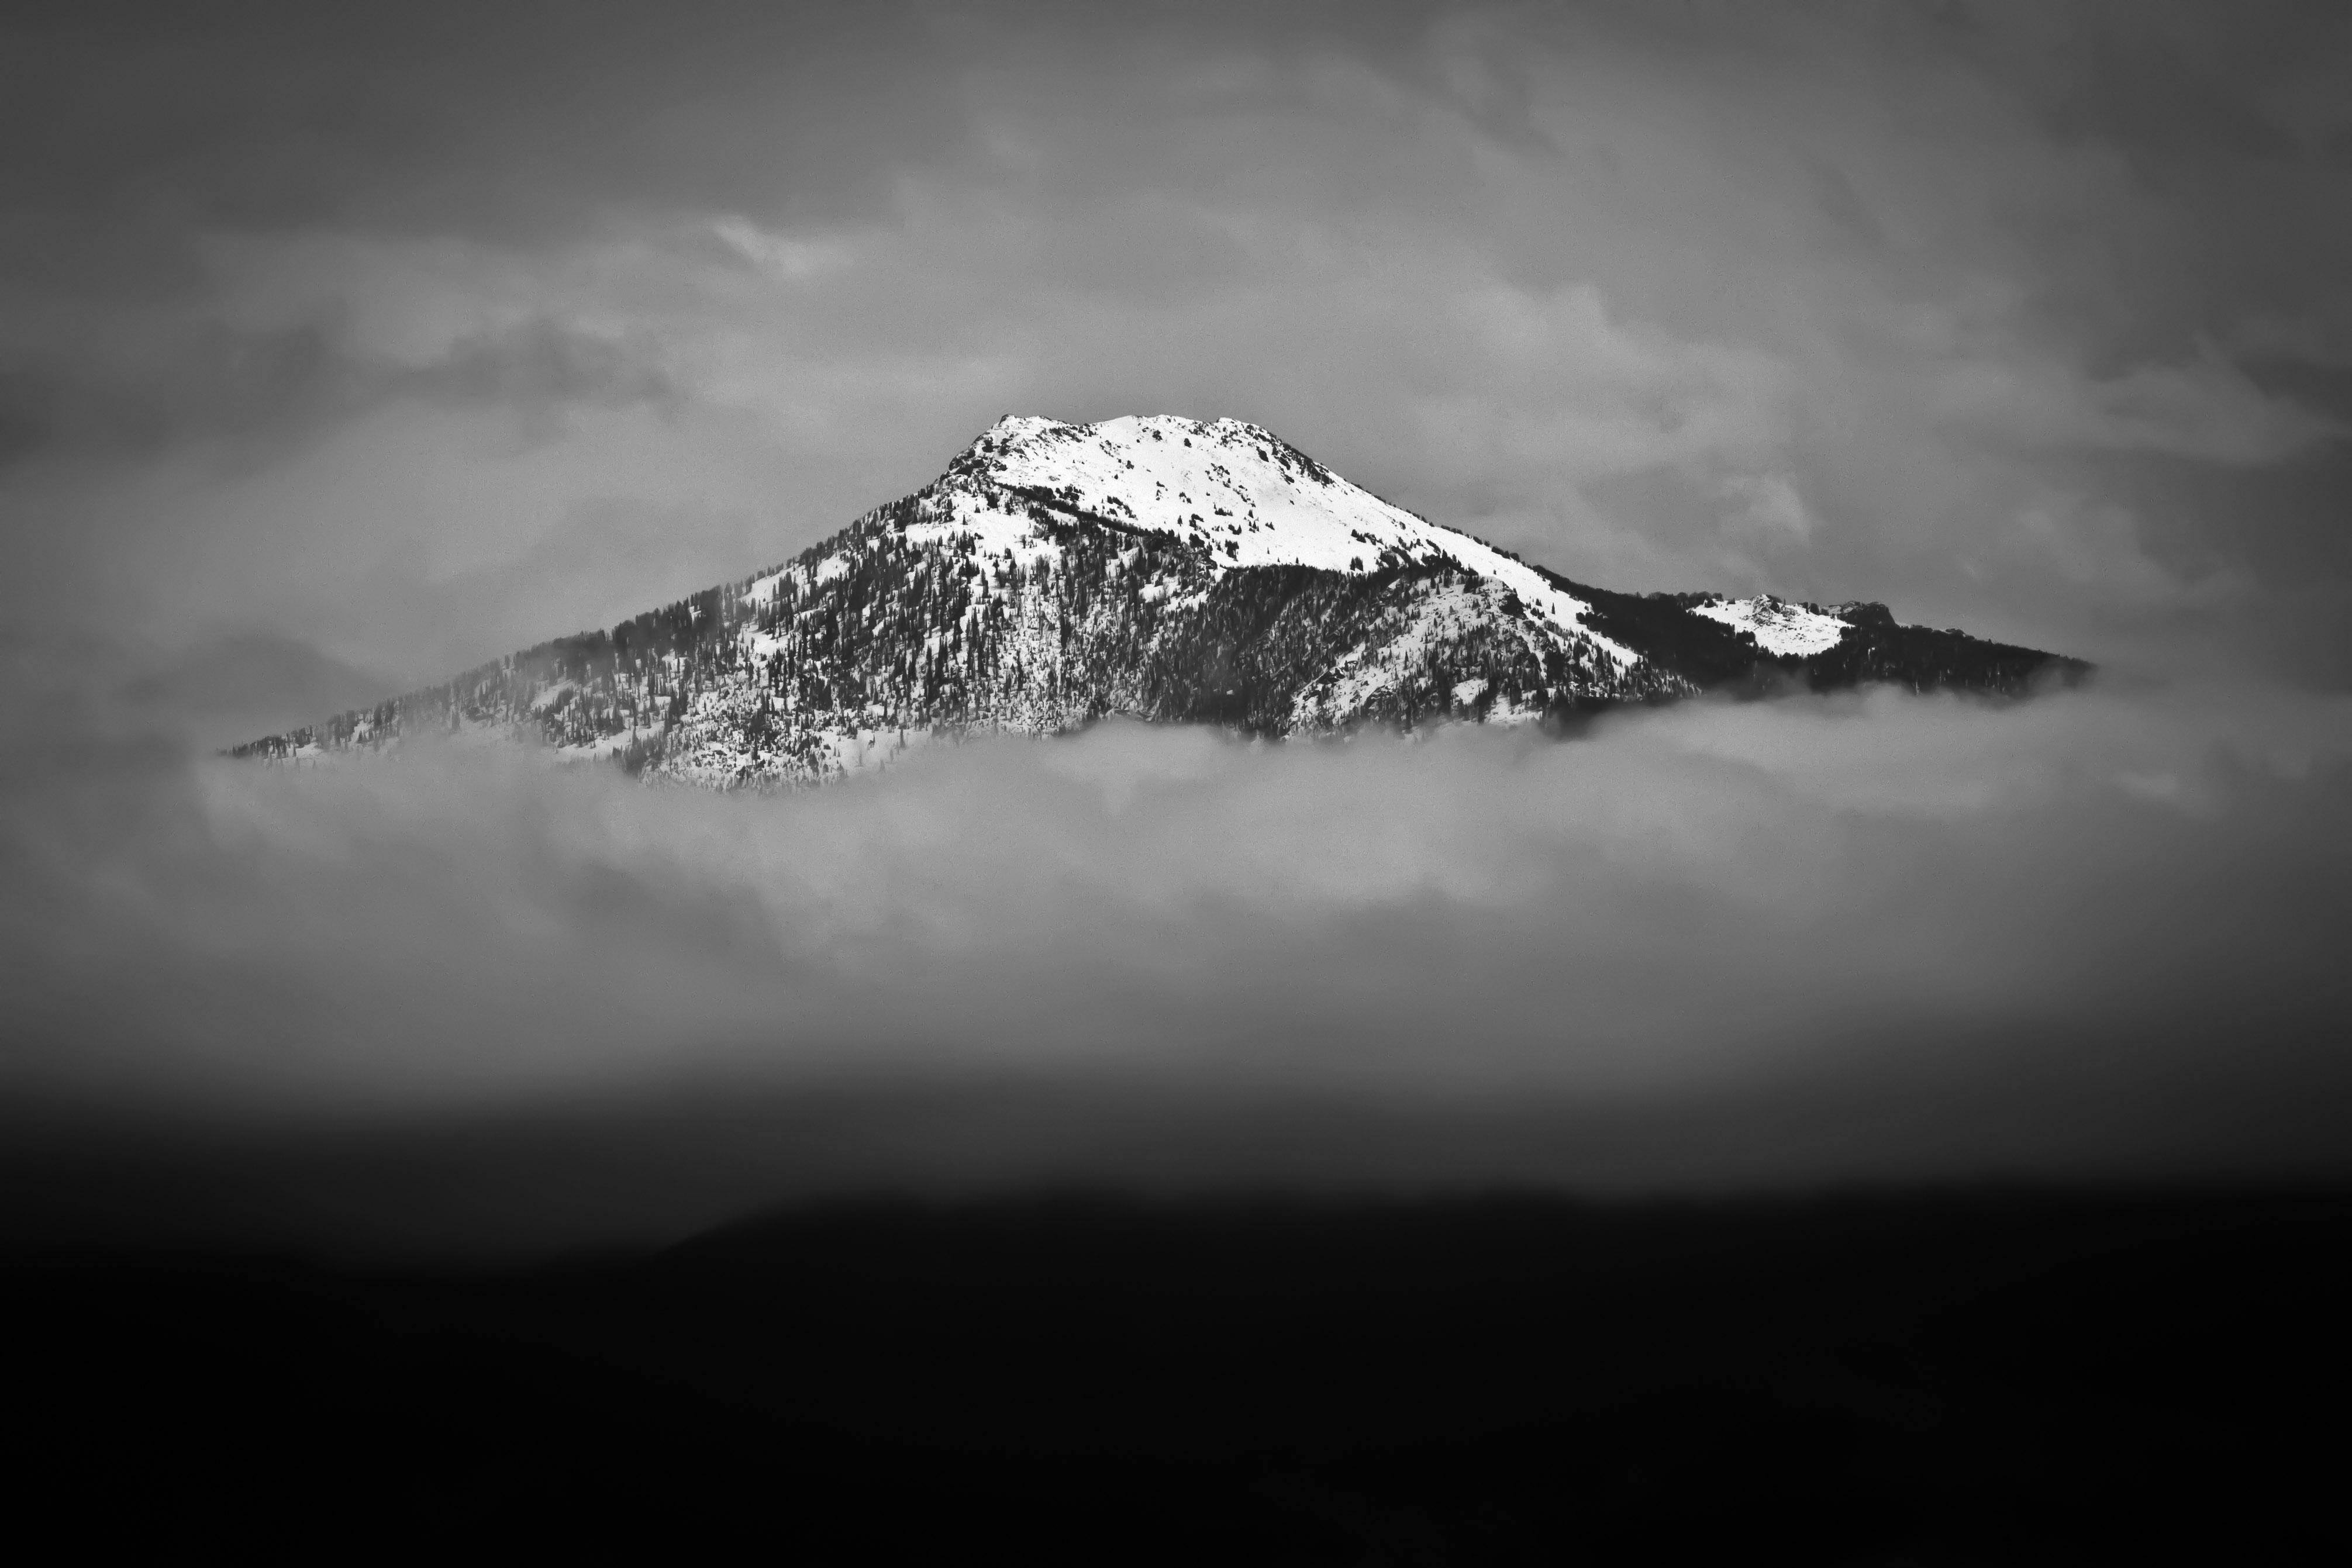 Mike Jennings - Morning Mountain